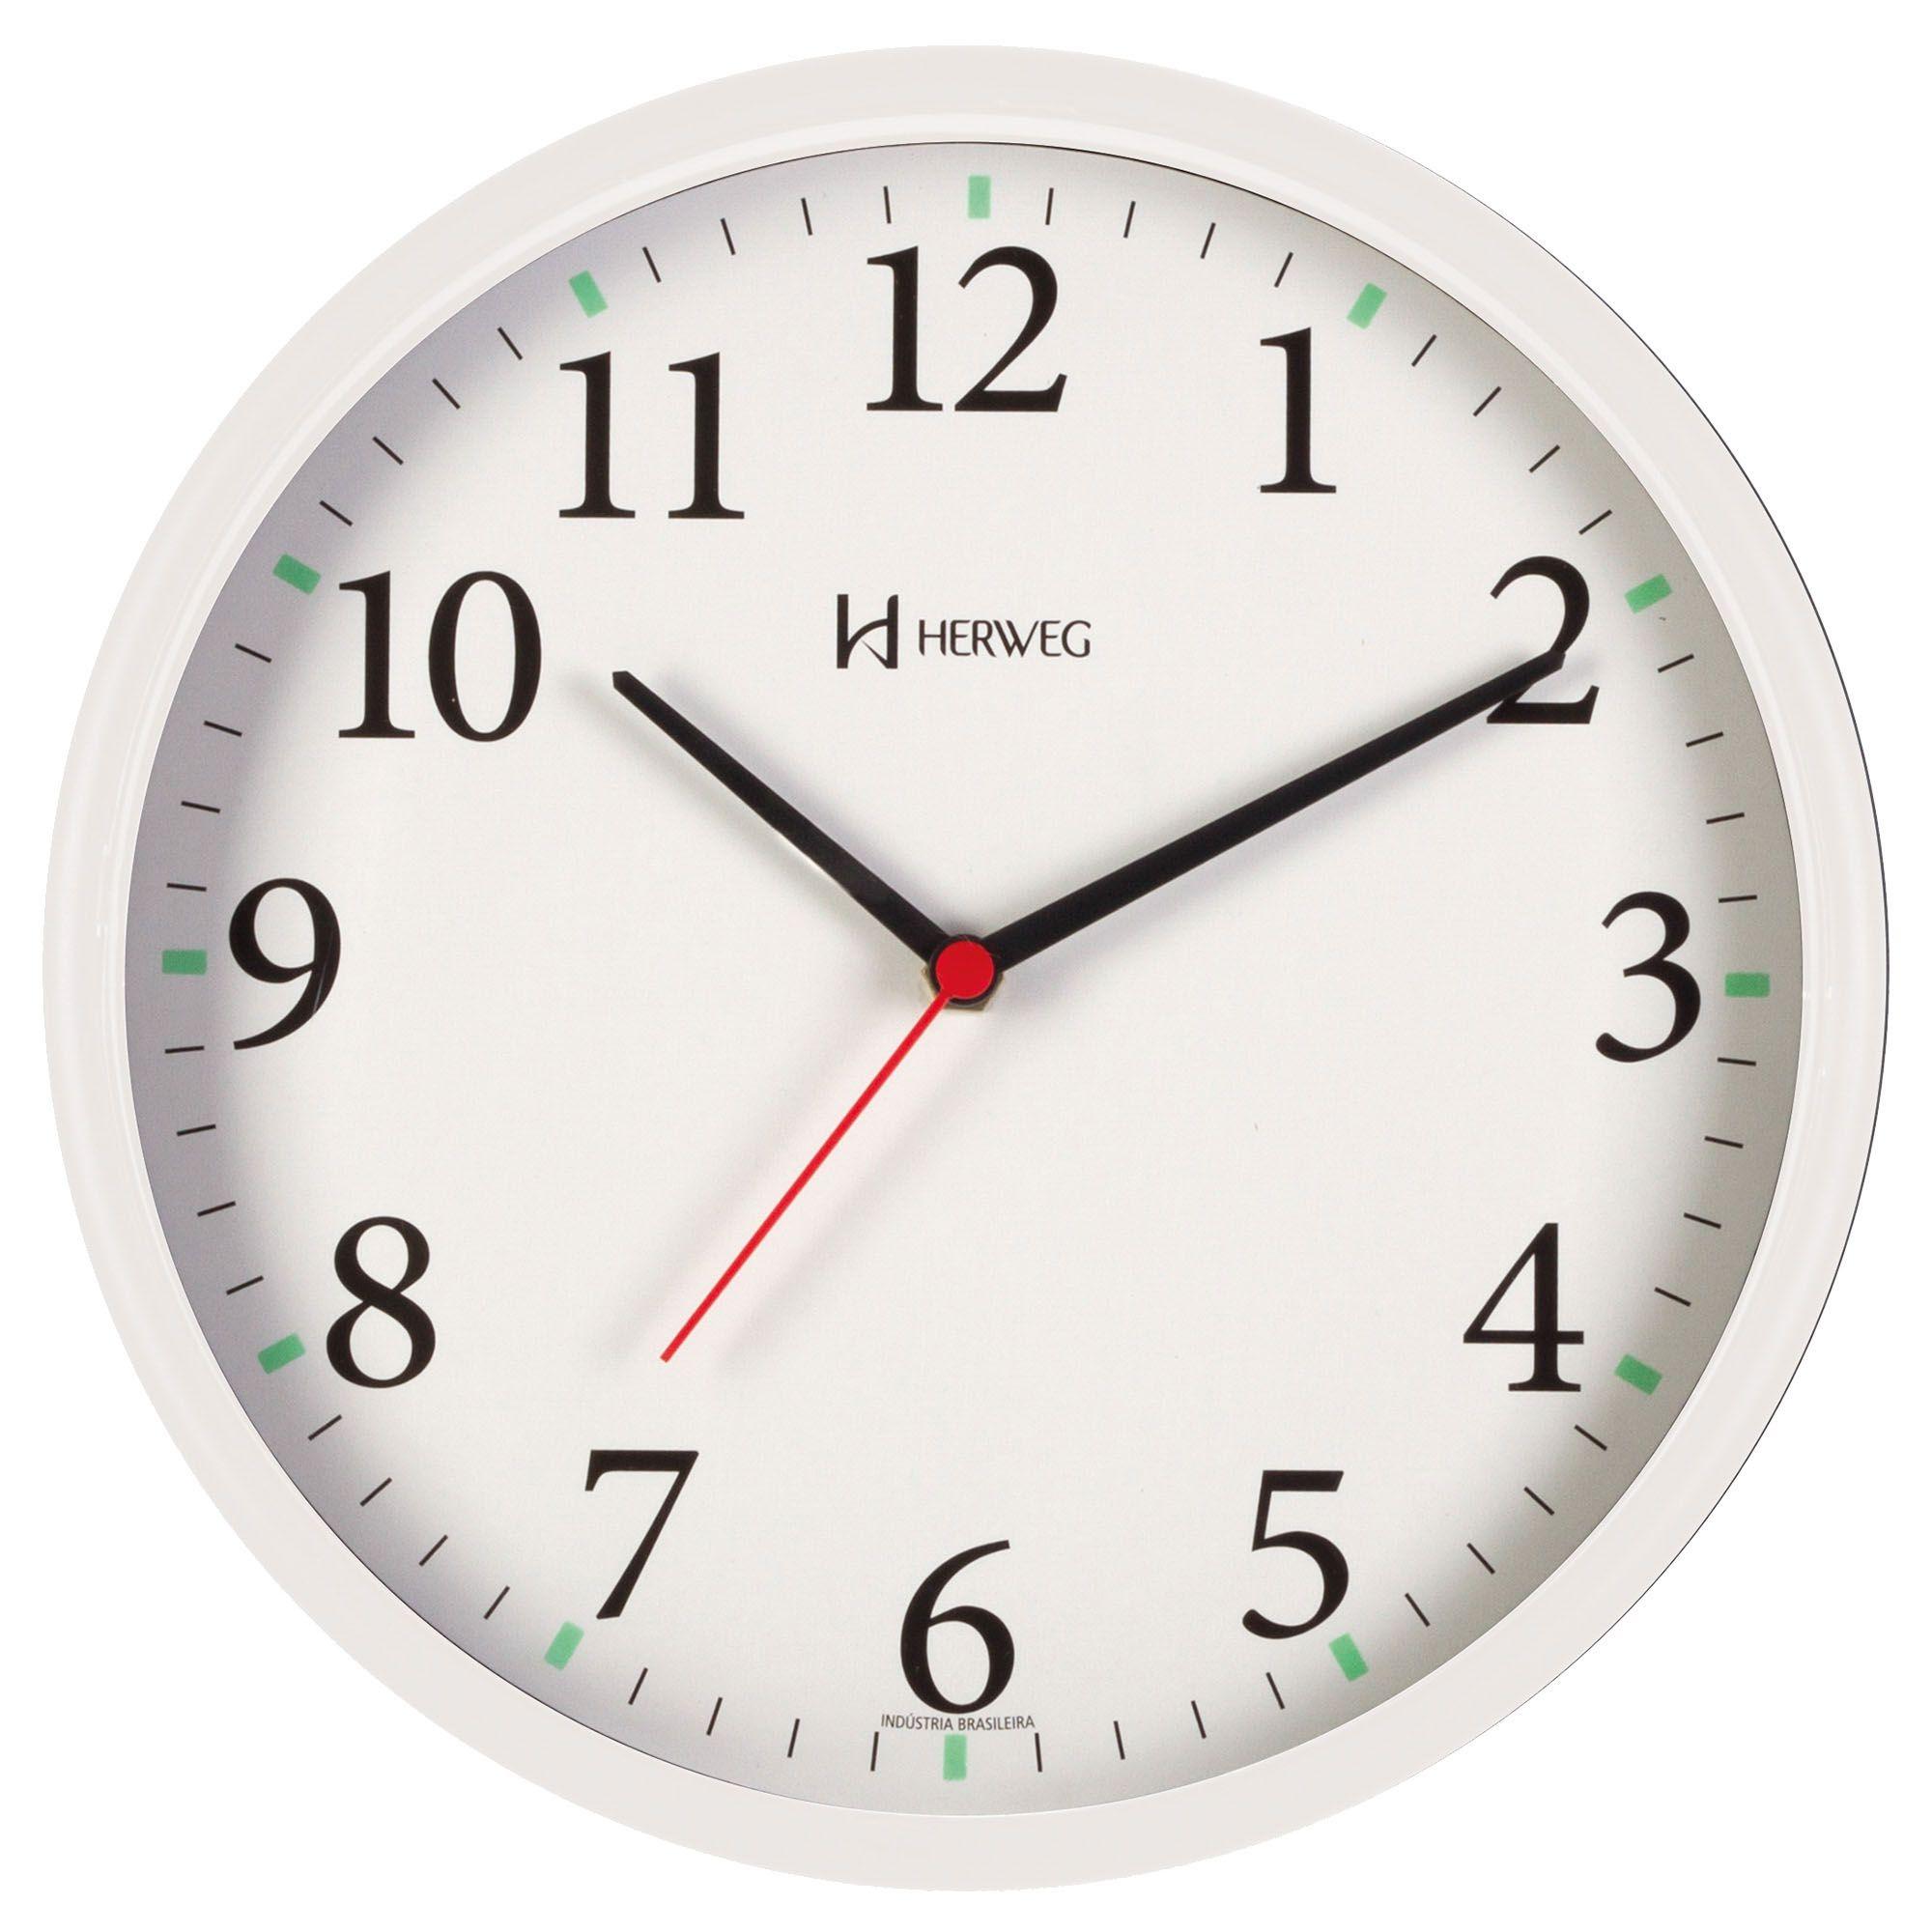 Relógio de Parede Analógico Herweg 660022 021 Branco